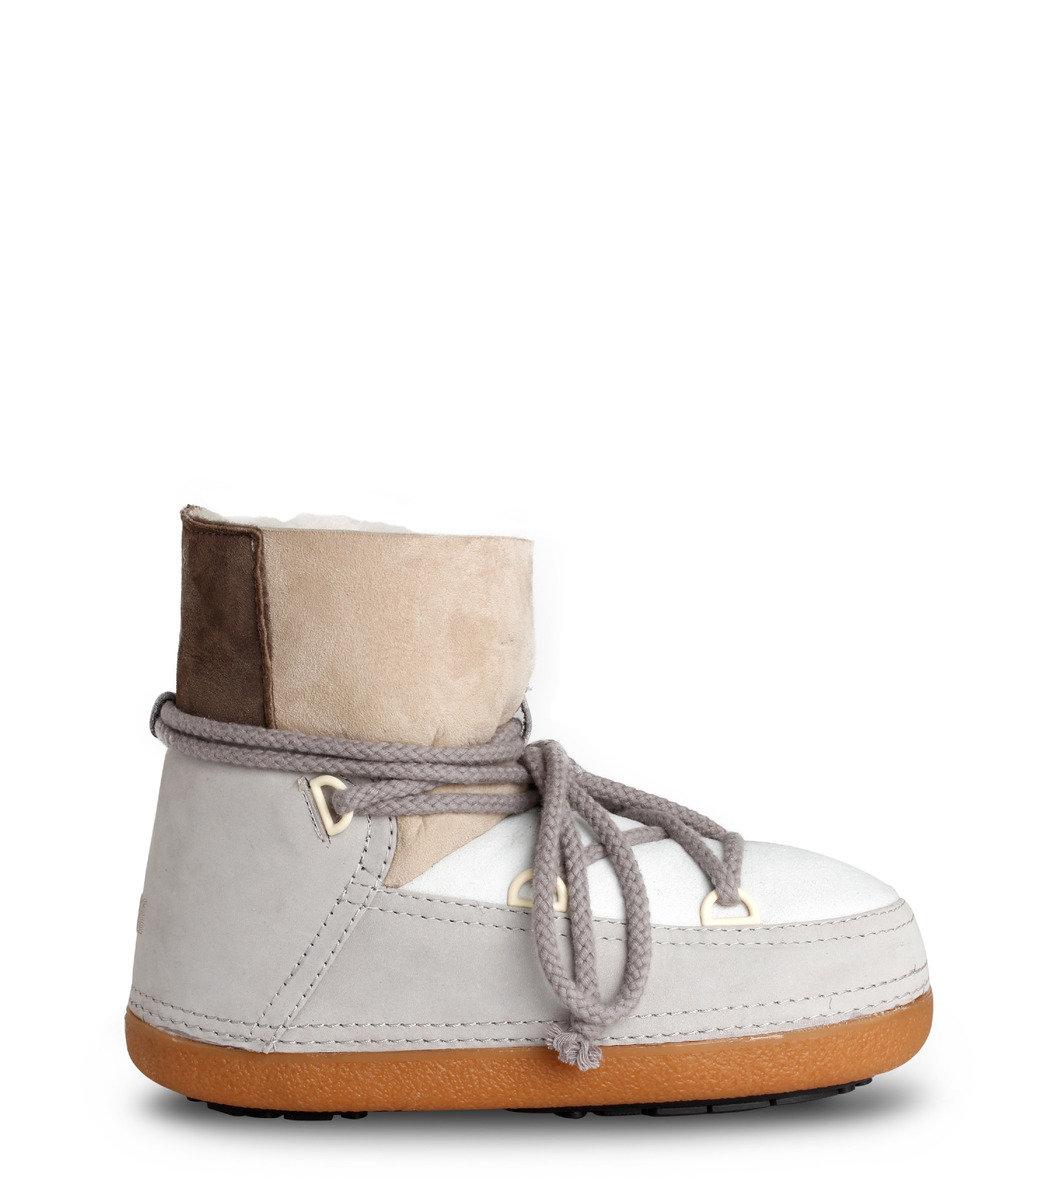 撞色拼貼短雪靴